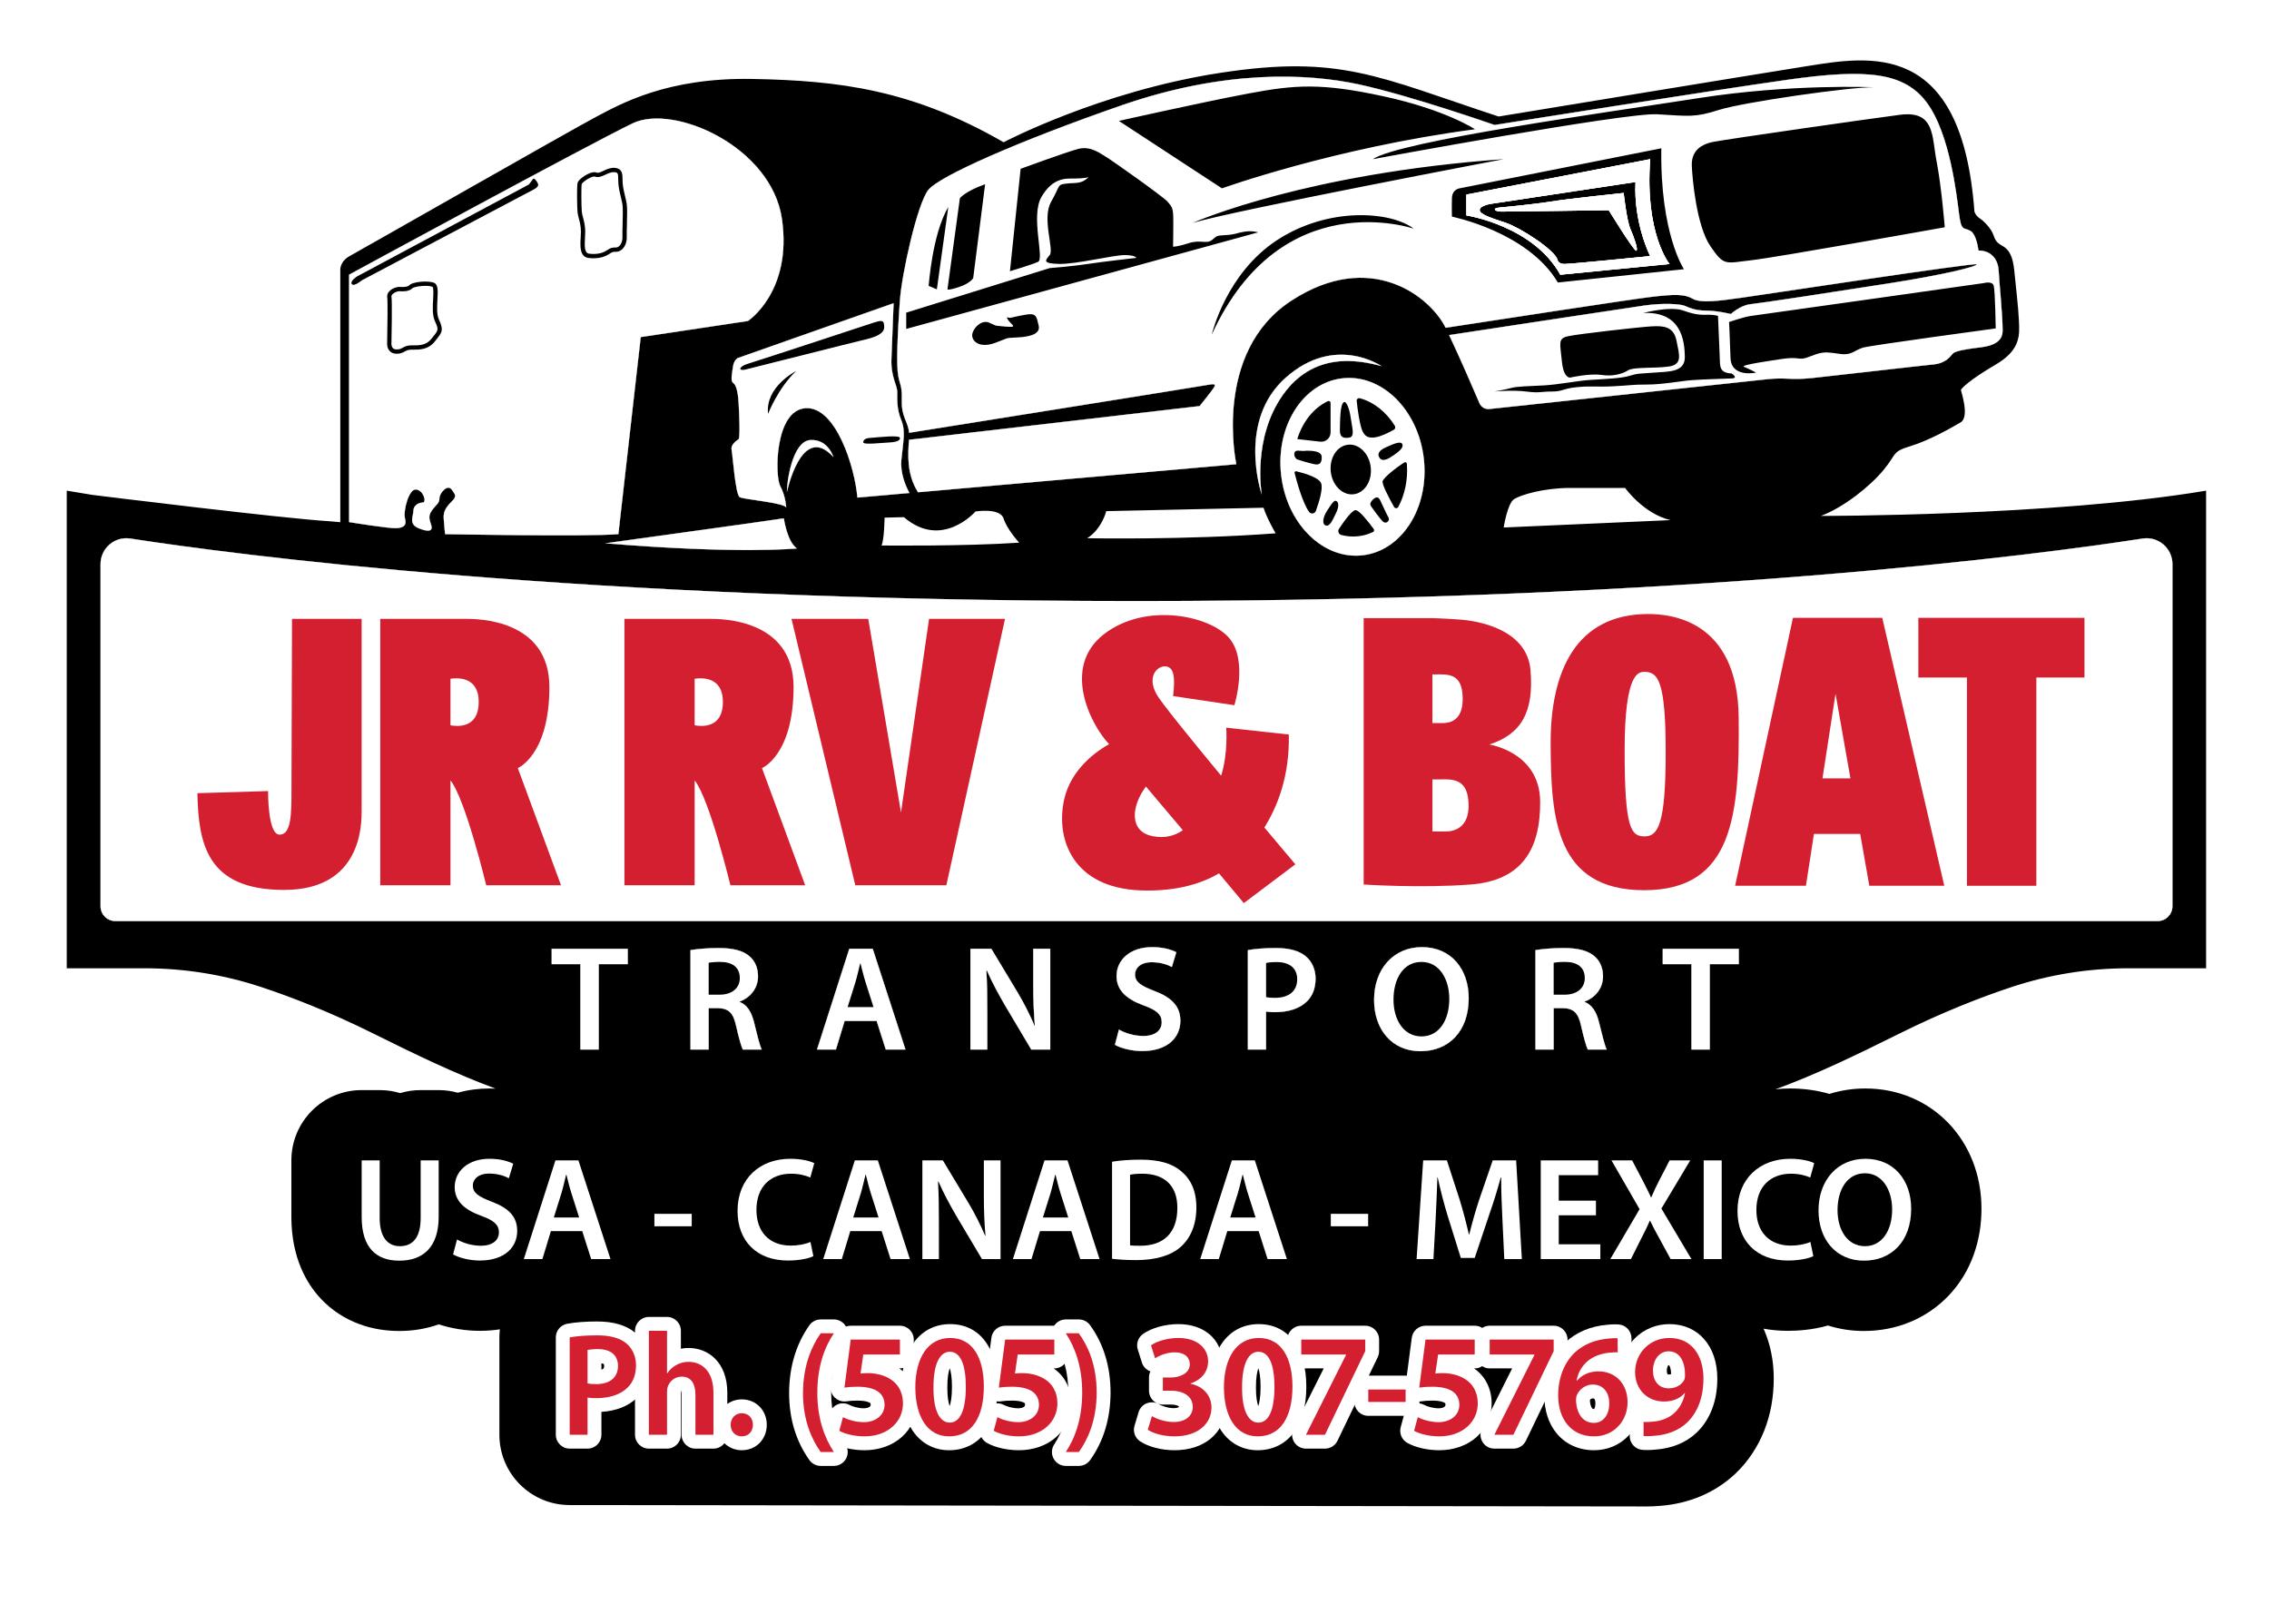 JR RV & BOAT TRANSPORT